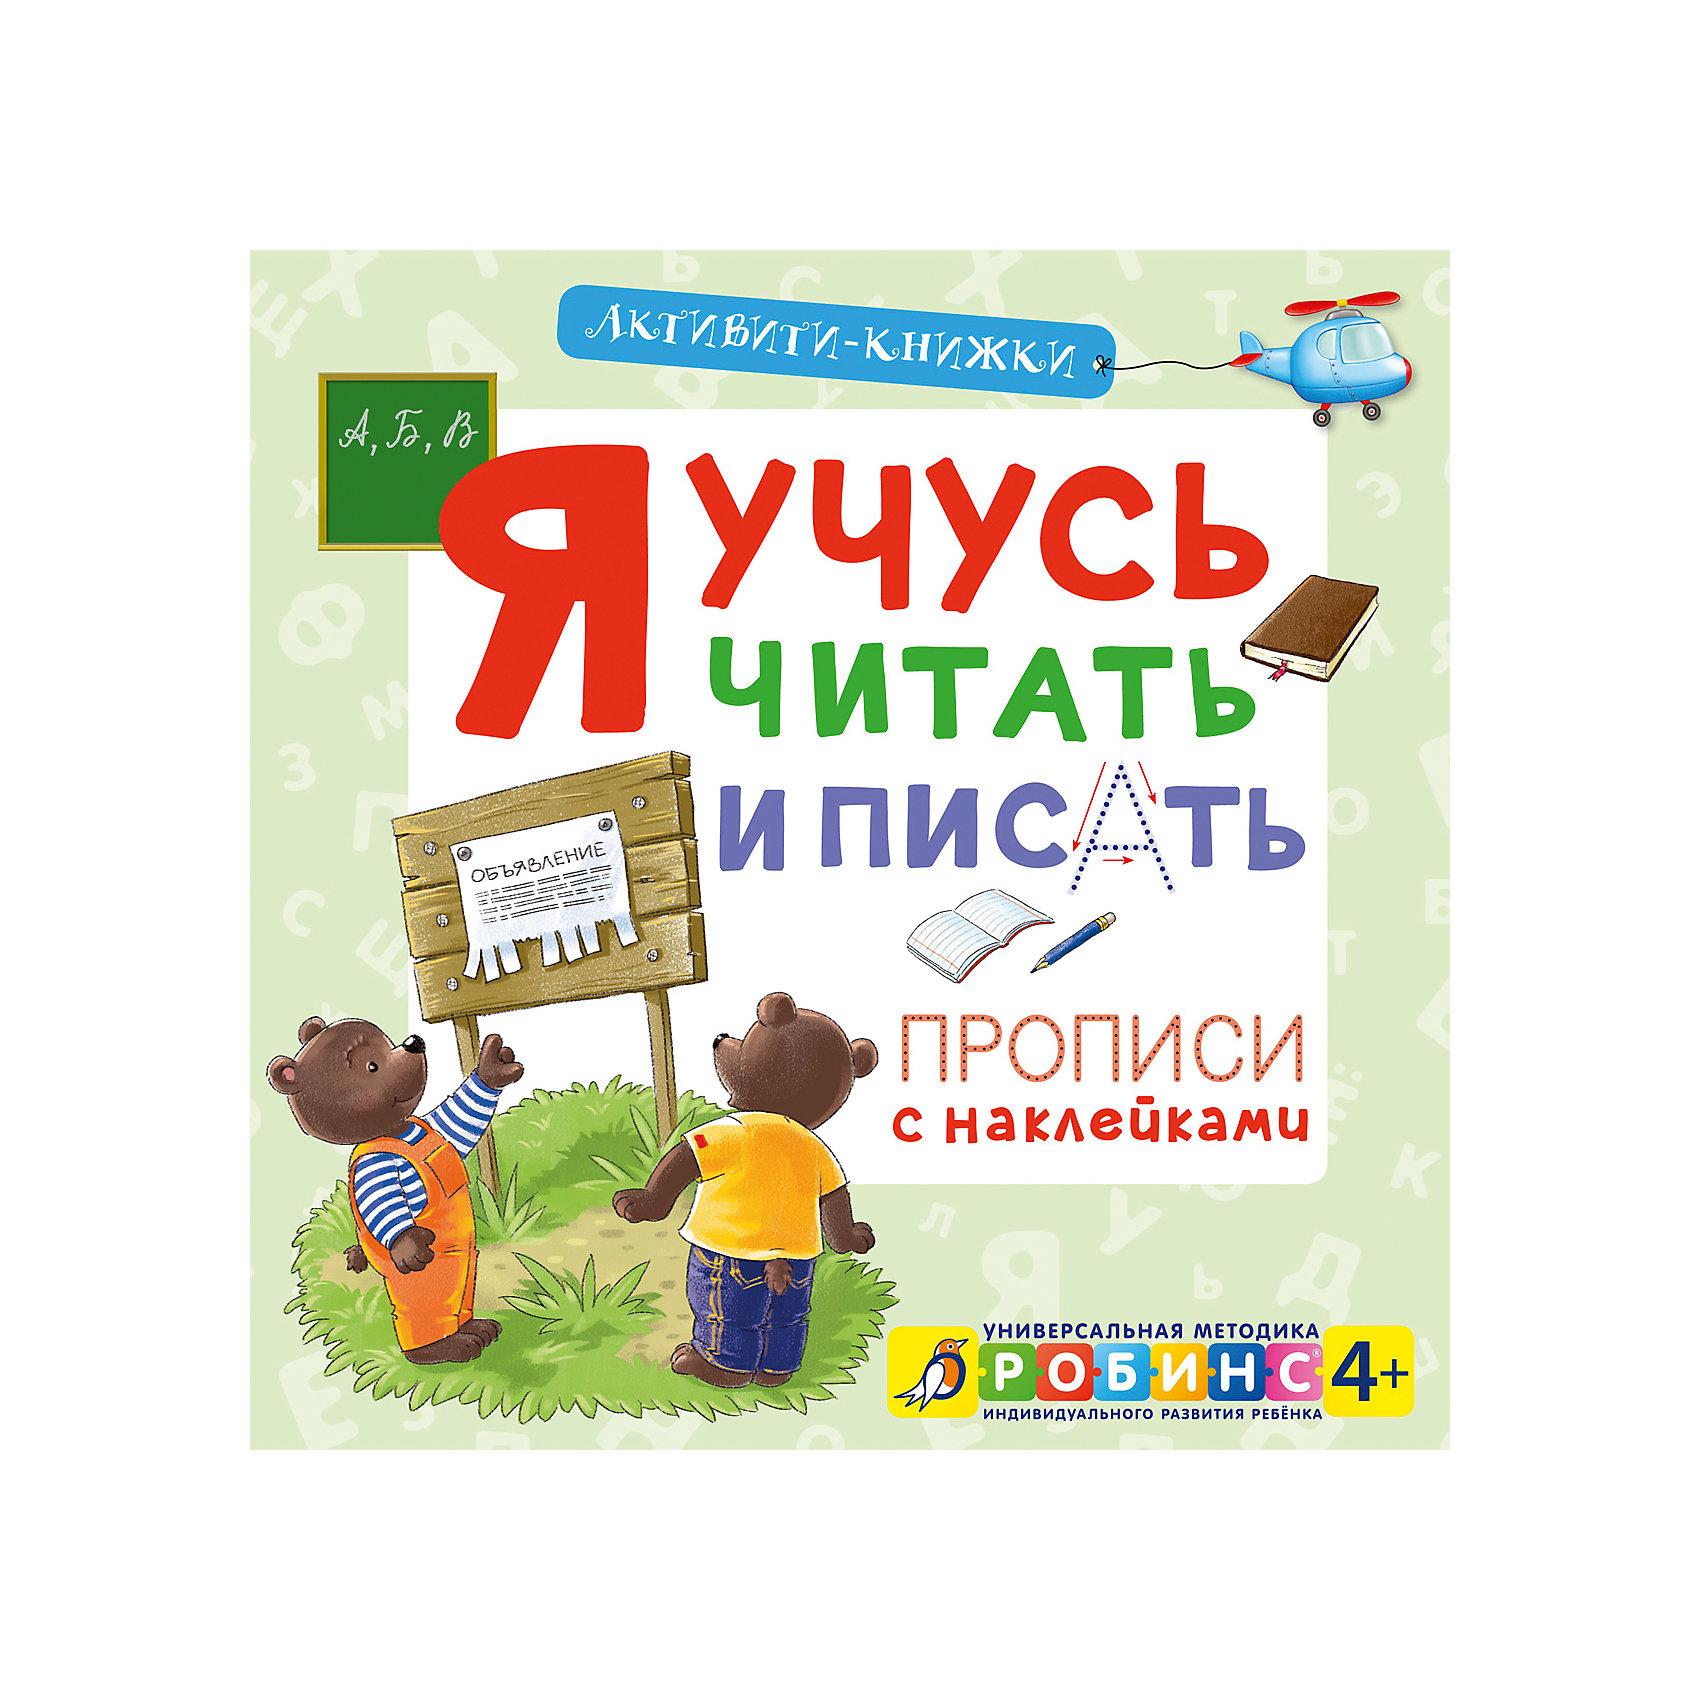 Активити-книжка Я учусь читать и писатьАктивити-книжка Я учусь читать и писать – эта книга в игровой форме познакомит ребенка с миром букв.<br>Активити-книжка Я учусь читать и писать – развивающее игровое пособие для детей. Активные игровые задания прописи с наклейками познакомят вашего ребенка с алфавитом, слогами, словами и предложениями. Рассматривайте вместе с ним картинки, выполняйте предложенные задания, задавайте дополнительные вопросы. Это интерактивное пособие сделает занятие увлекательным и интересным, поможет вам лучше подготовить ребенка к школе. Яркие, крупные иллюстрации, 3 листа с наклейками непременно понравятся малышам. Развивает мелкую моторику, память, внимание, восприятие, воображение, мышление, логические способности.<br><br>Дополнительная информация:<br><br>- Книга предназначена для детей от 4 лет<br>- В книге: Веселые картинки, Школьная атрибутика, Алфавит, слоги, слова и предложения<br>- Автор: М. Писарева<br>- Художники-иллюстраторы: Белоголовская Гета, Митченко Юлия, С. Емельянова и другие<br>- Издательство: Робинс<br>- Переплет: мягкий переплет, крепление скрепкой или клеем<br>- Страниц: 54 (офсет)<br>- Иллюстрации: цветные<br>- Размер: 255 x 255 x 6 мм.<br>- Вес: 265 гр.<br><br>Активити-книжку Я учусь читать и писать можно купить в нашем интернет-магазине.<br><br>Ширина мм: 255<br>Глубина мм: 255<br>Высота мм: 5<br>Вес г: 257<br>Возраст от месяцев: 36<br>Возраст до месяцев: 84<br>Пол: Унисекс<br>Возраст: Детский<br>SKU: 4236106